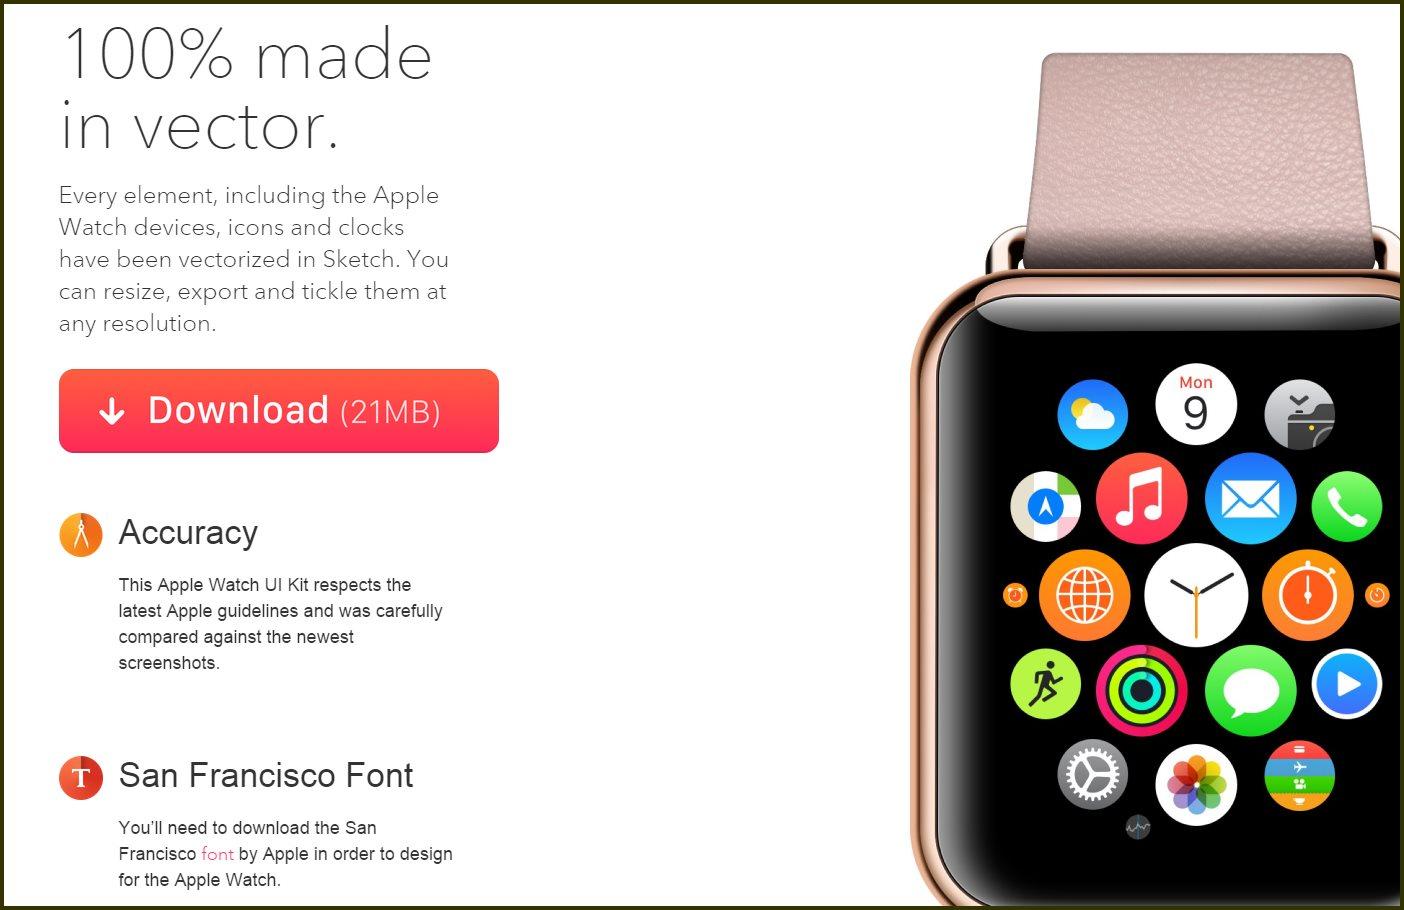 Imágenes vectoriales del Apple Watch